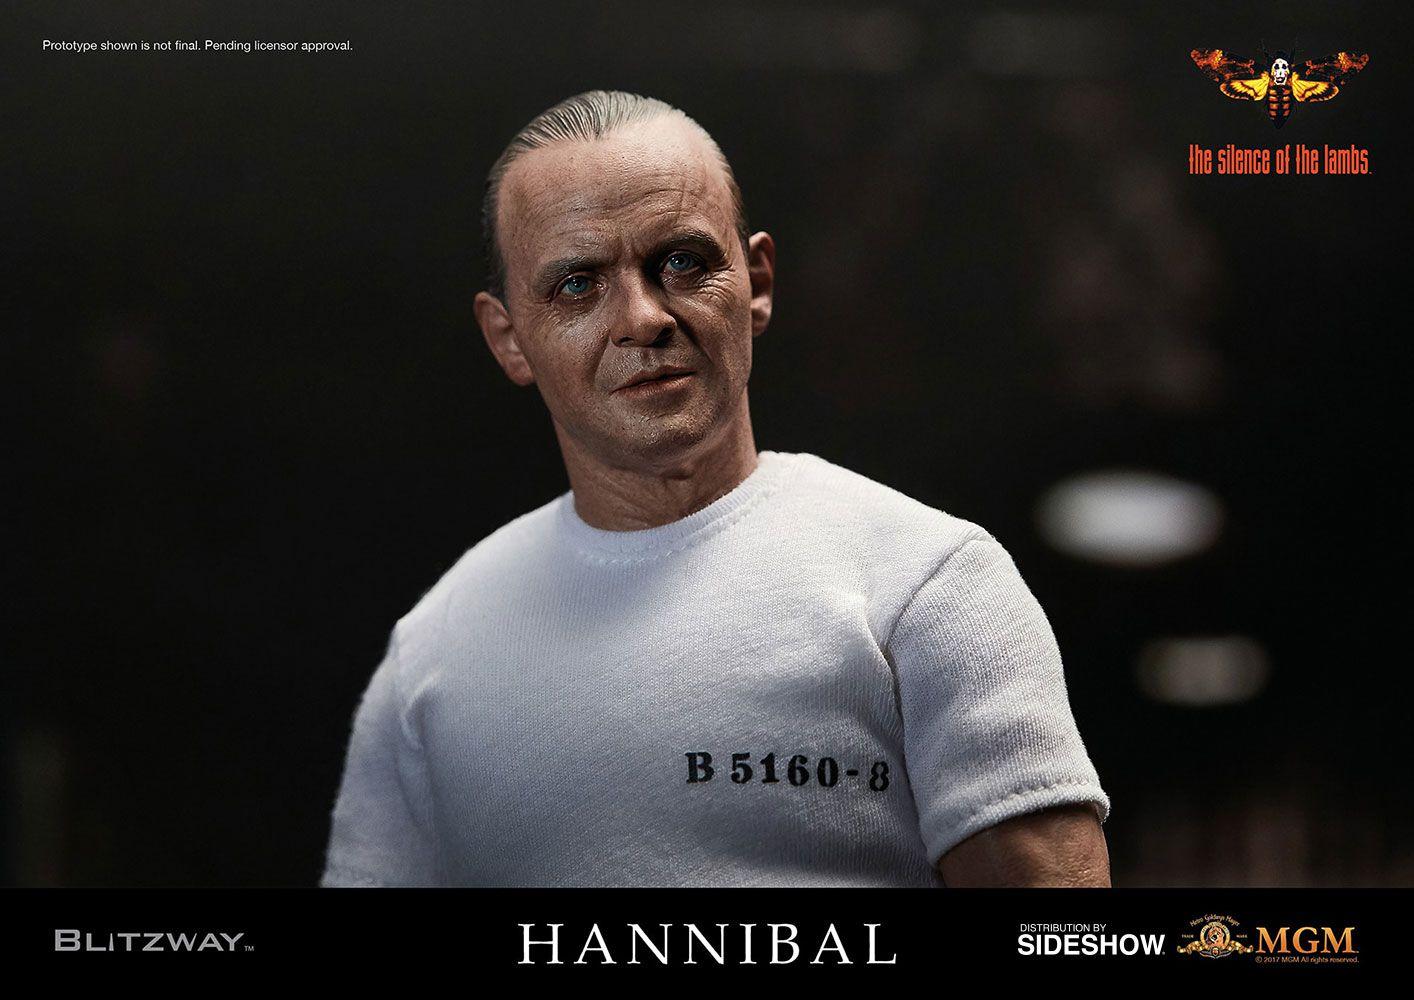 Action Figure Hannibal Lecter (White Prison Uniform Version): O Silêncio dos Inocentes (The Silence of the Lambs) Escala 1/6 - Boneco Colecionável - Blitzway